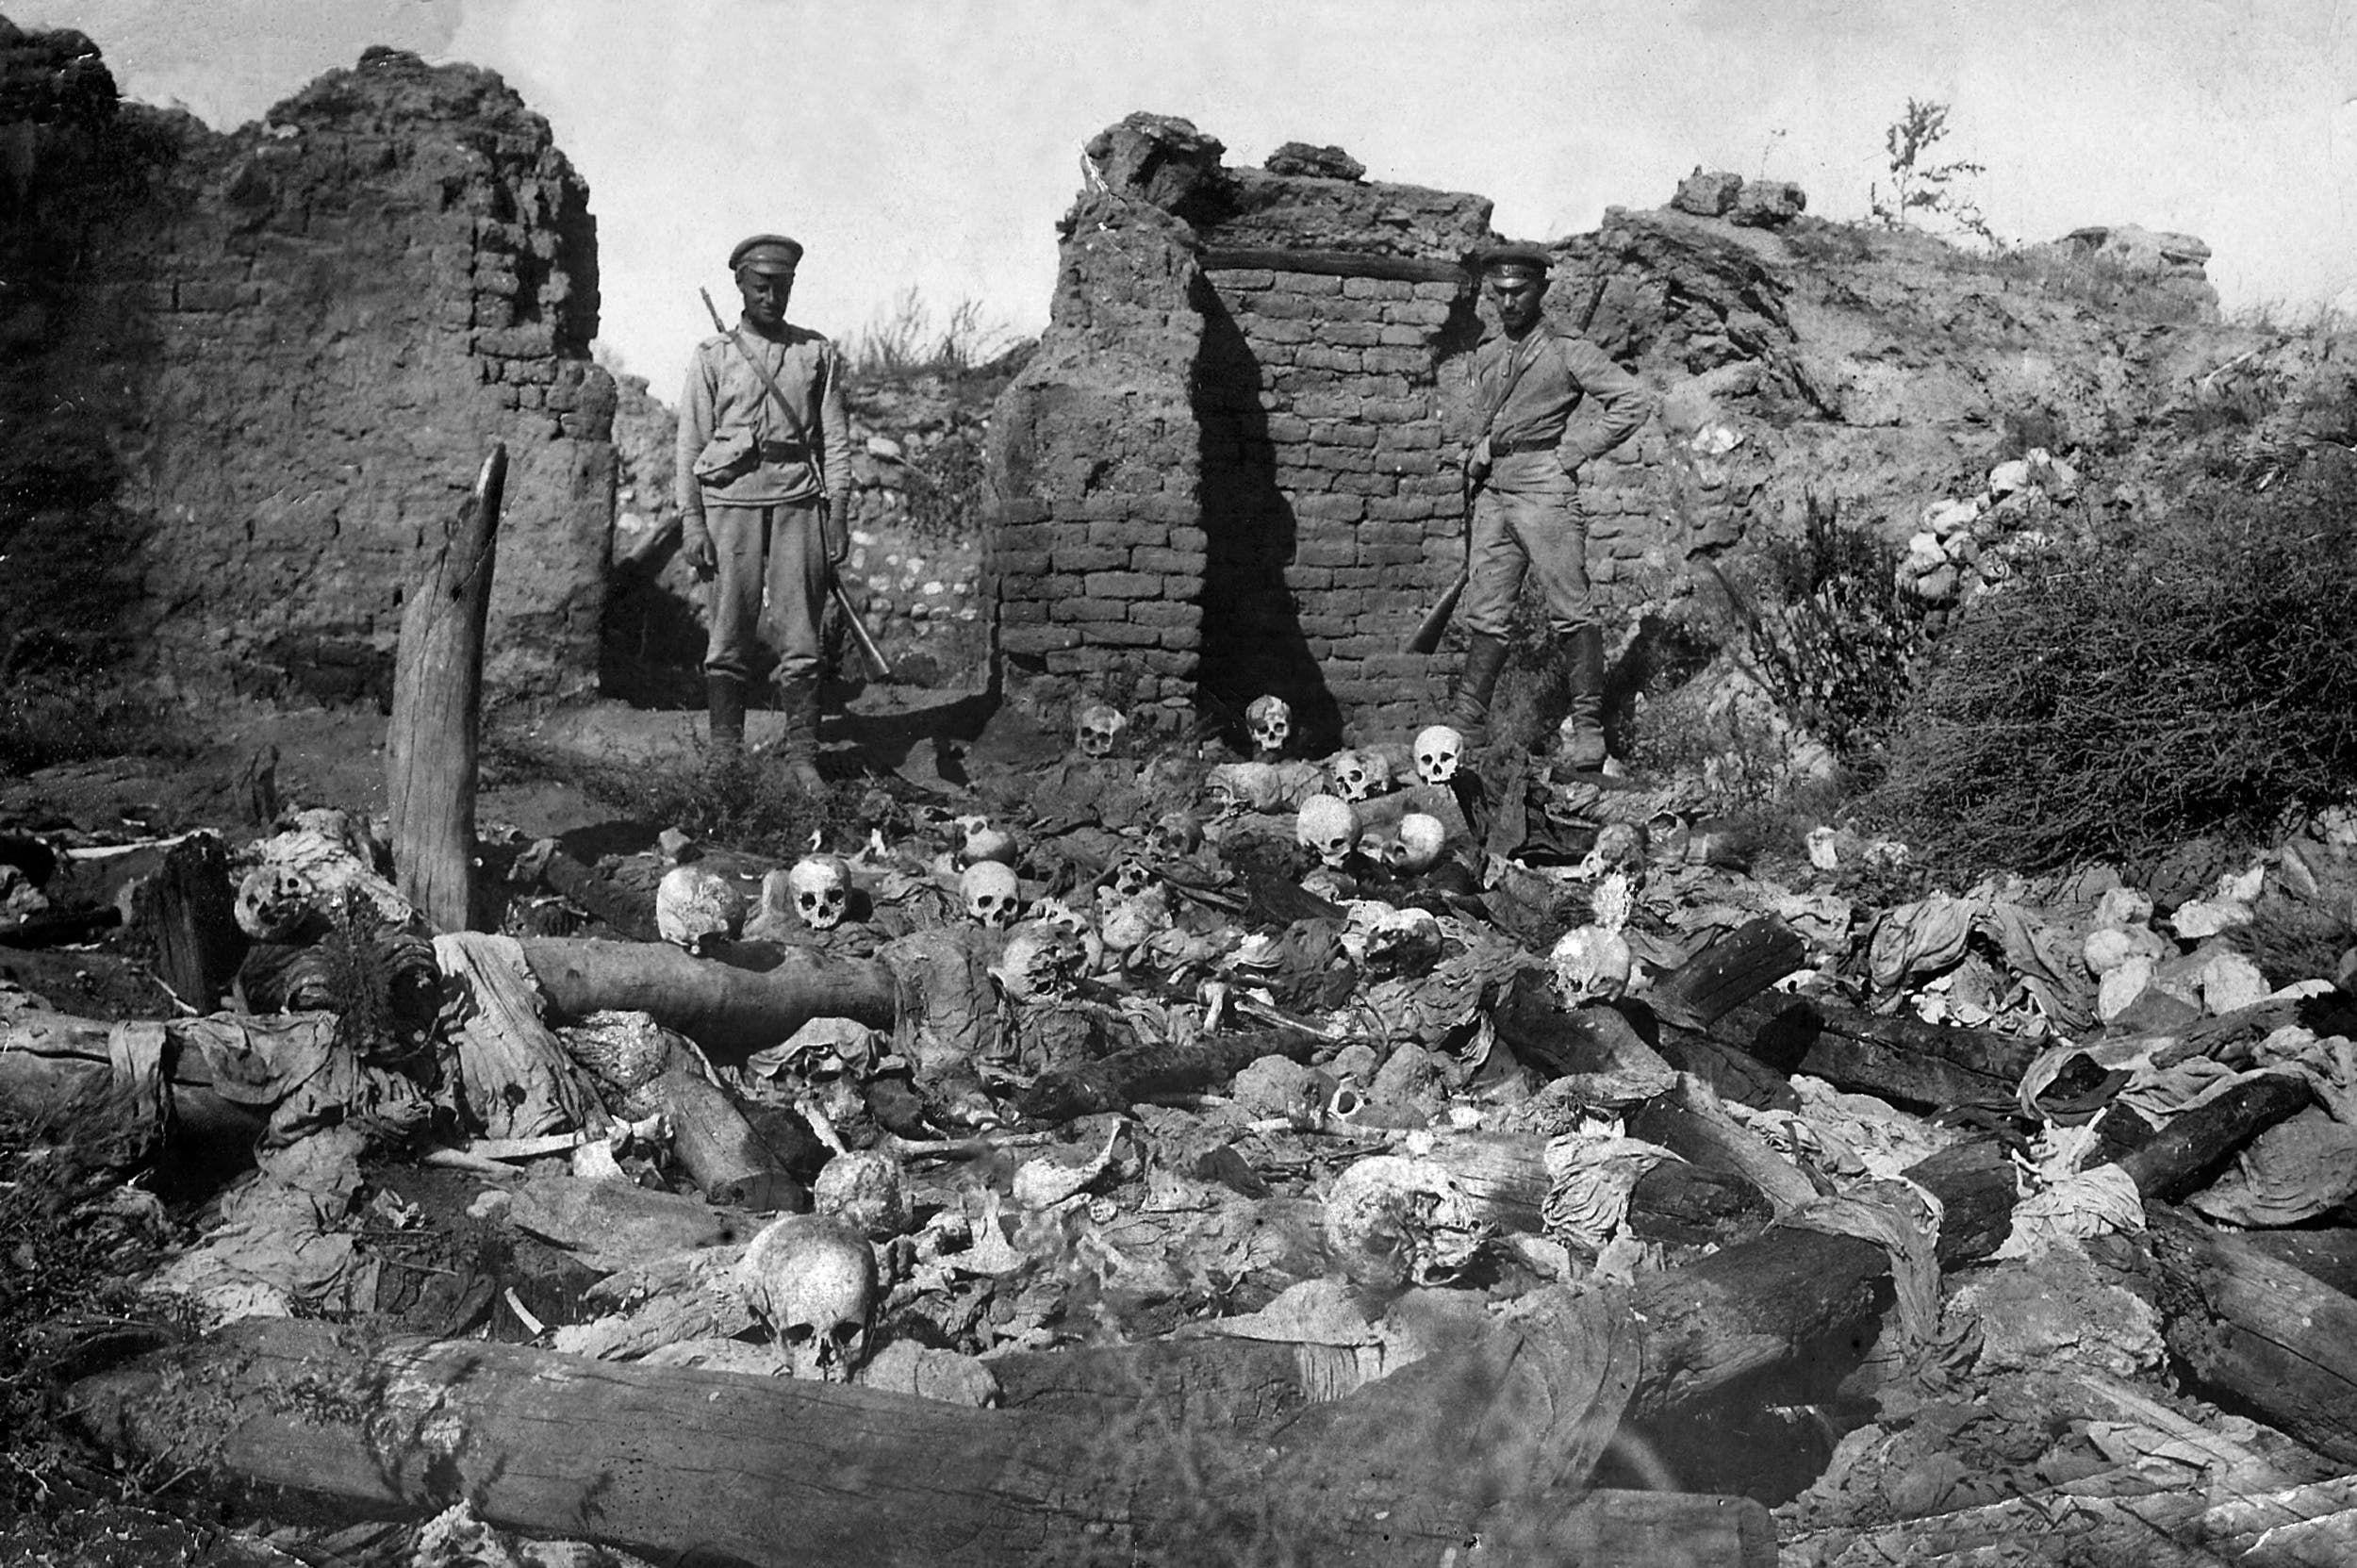 صورة تعود للعام 1915 تظهر جندياً عثمانياً يقف فوق جثث في قرية أرمنية